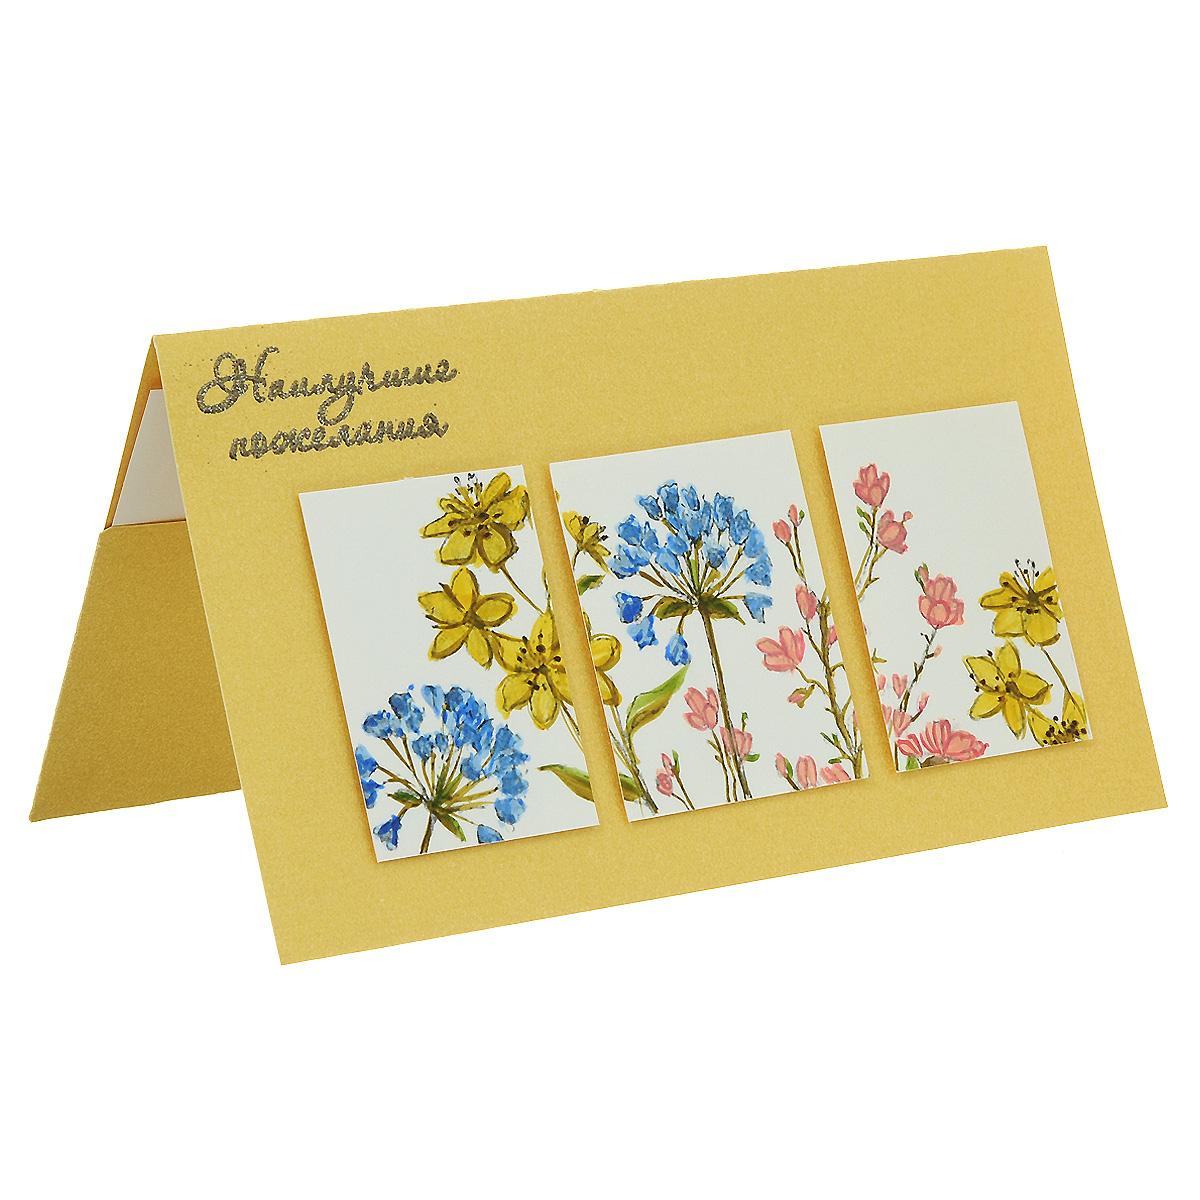 ОЖ-0024Открытка-конверт «Наилучшие пожелания» (триптих золотой). Студия «Тётя Роза»514-950Характеристики: Размер 19 см x 11 см.Материал: Высоко-художественный картон, бумага, декор. Данная открытка может стать как прекрасным дополнением к вашему подарку, так и самостоятельным подарком. Так как открытка является и конвертом, в который вы можете вложить ваш денежный подарок или просто написать ваши пожелания на вкладыше.Дизайн этой открытки сложился из использования рукописного триптиха с цветочным мотивом полевых трав. В простоте решения этого поздравления заложена выразительность восприятия. Цветы прорисованы вручную акриловыми красками. Надпись выполнена в технике горячего термоподъема.Также открытка упакована в пакетик для сохранности. Обращаем Ваше внимание на то, что открытка может незначительно отличаться от представленной на фото.Открытки ручной работы от студии Тётя Роза отличаются своим неповторимым и ярким стилем. Каждая уникальна и выполнена вручную мастерами студии. (Открытка для мужчин, открытка для женщины, открытка на день рождения, открытка с днем свадьбы, открытка винтаж, открытка с юбилеем, открытка на все случаи, скрапбукинг)